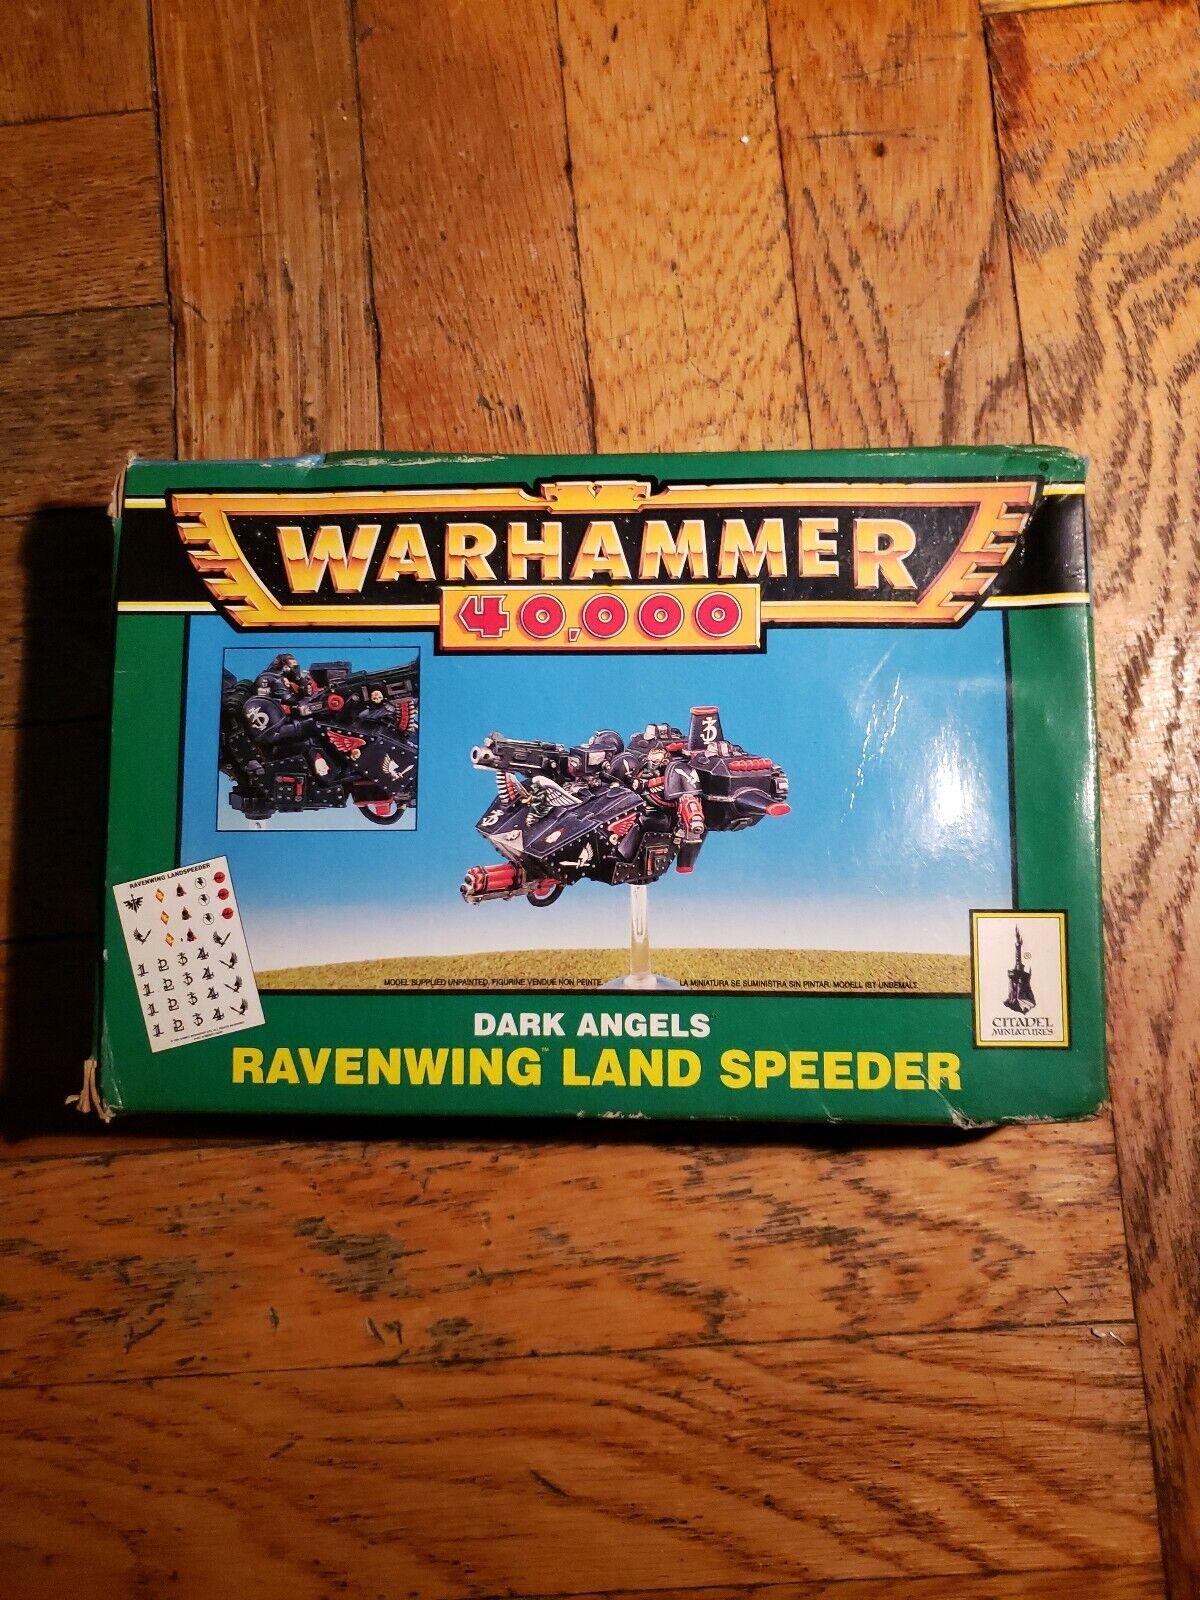 Warhammer 40K Ángeles oscuros Ravenwing Land Speeder Citadel Miniatures